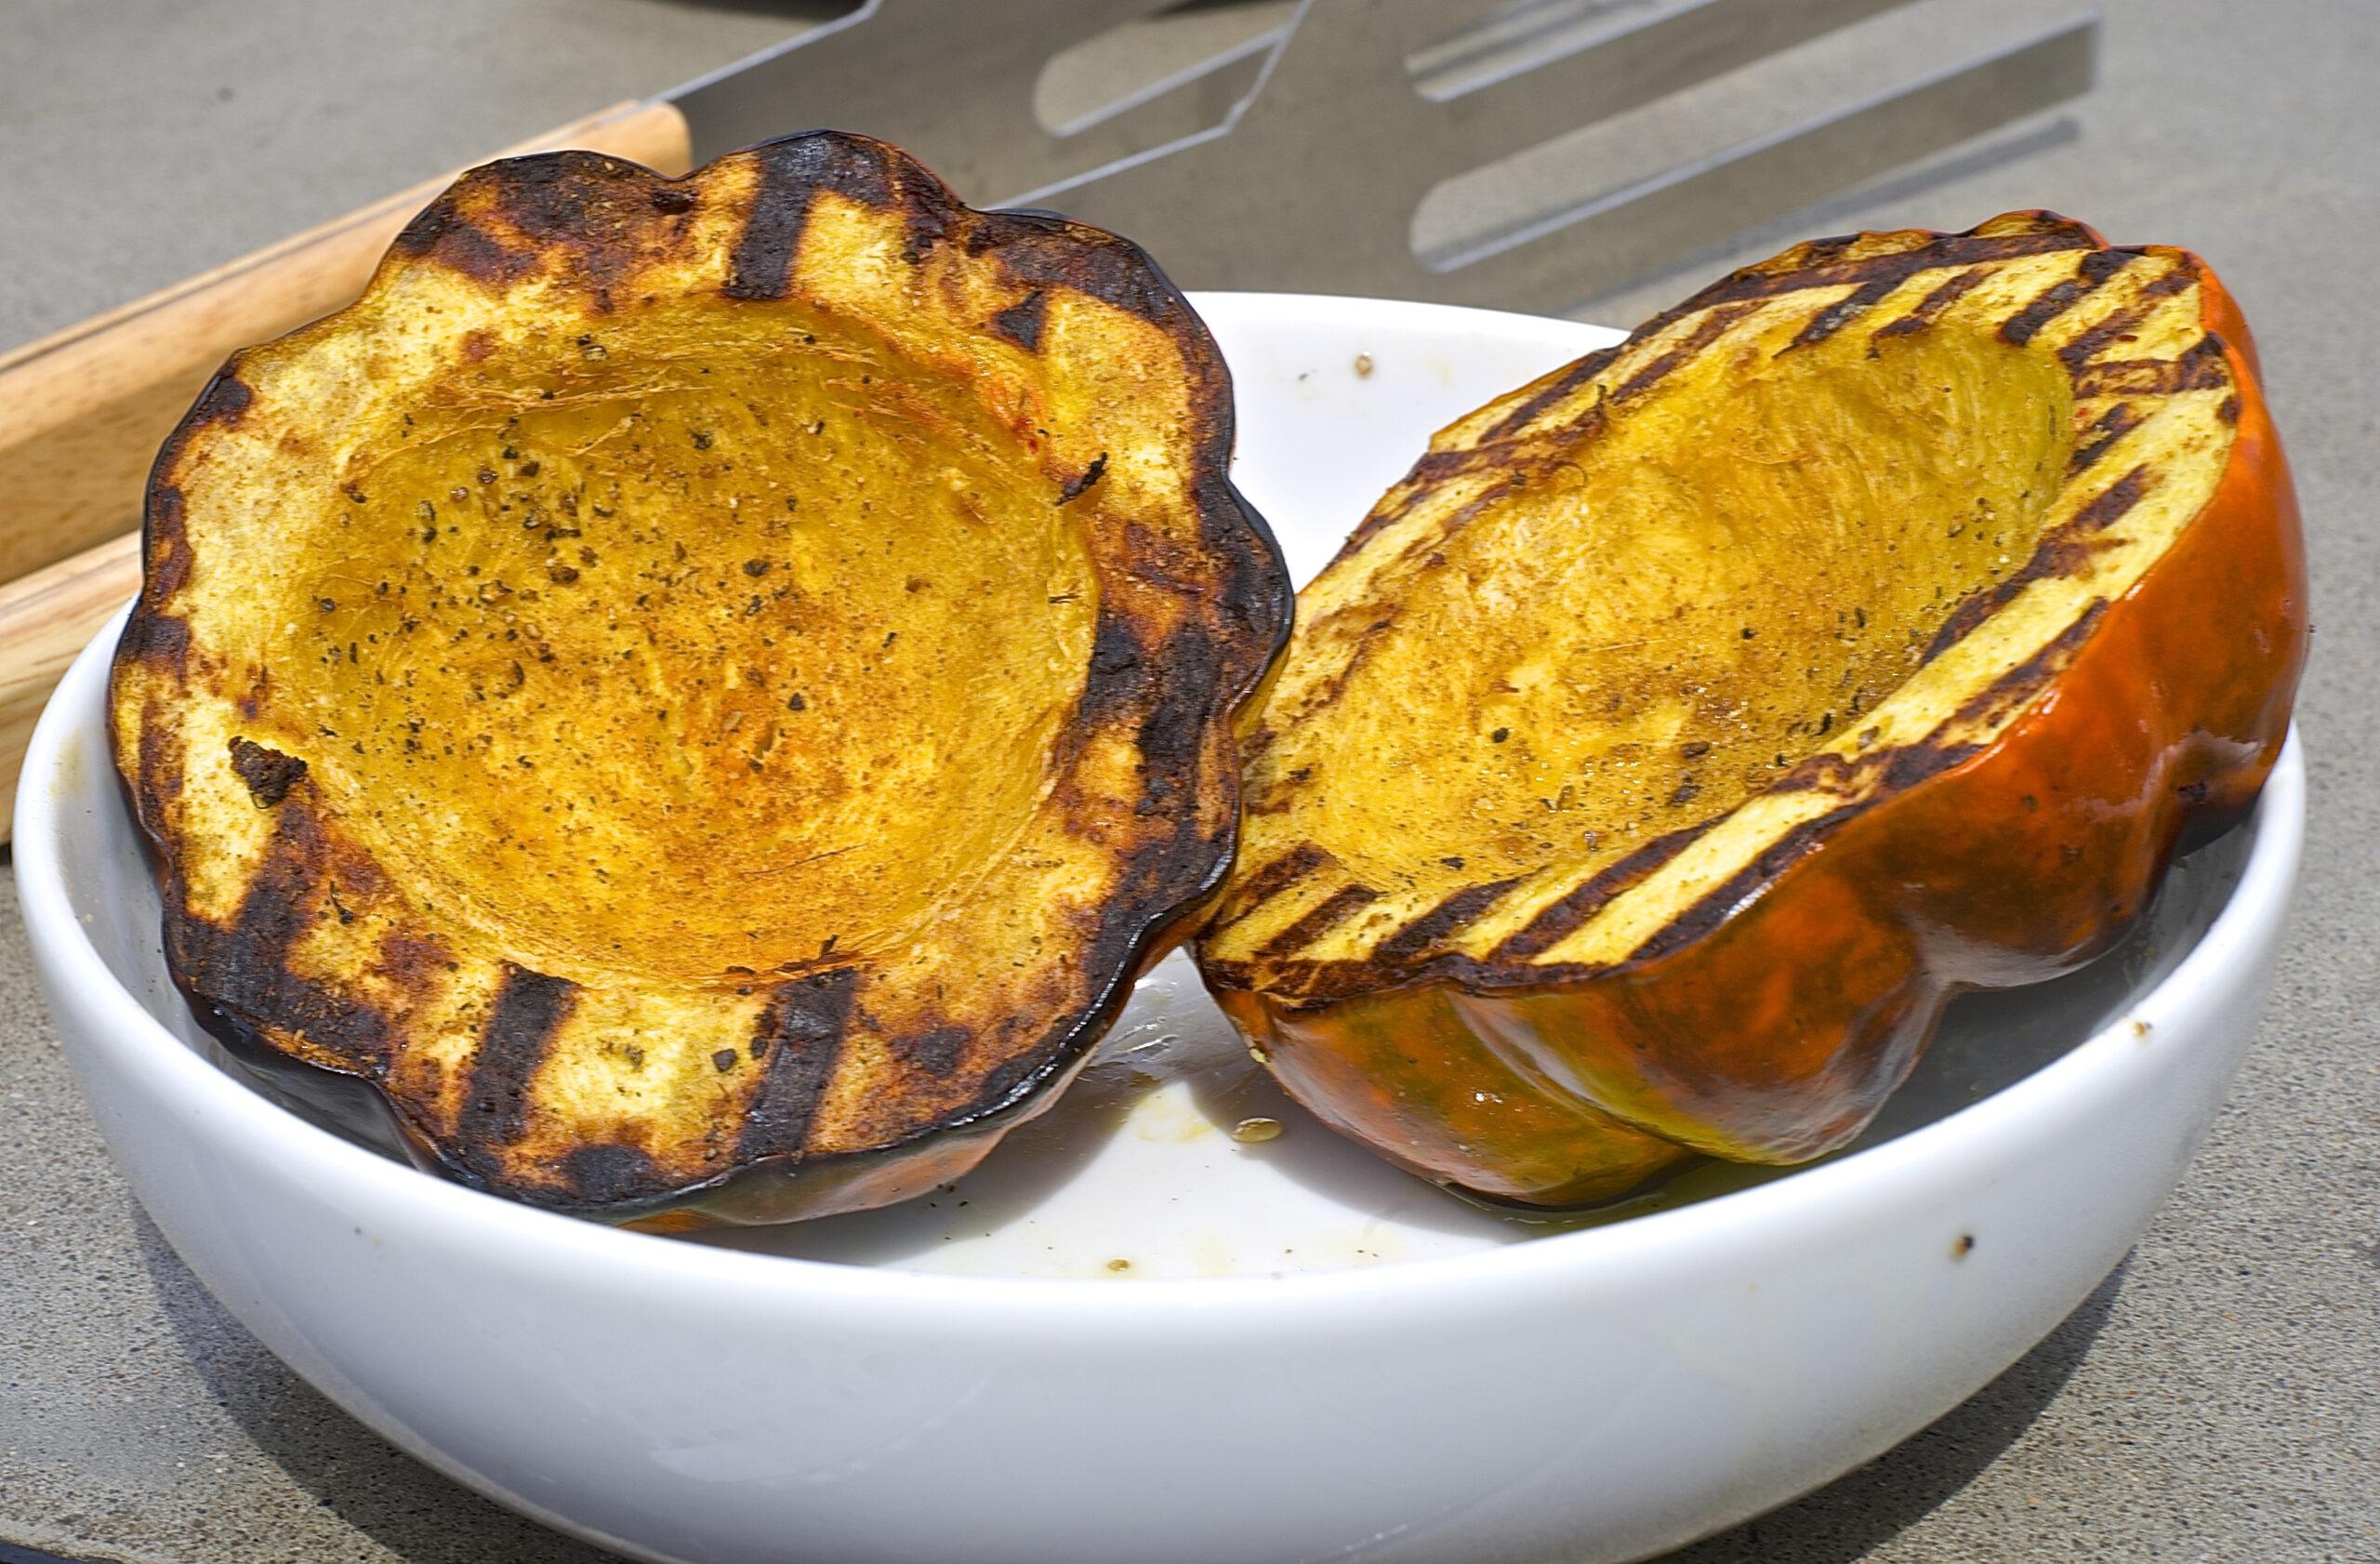 Grilled Butternut, Acorn Squash or Pumpkin